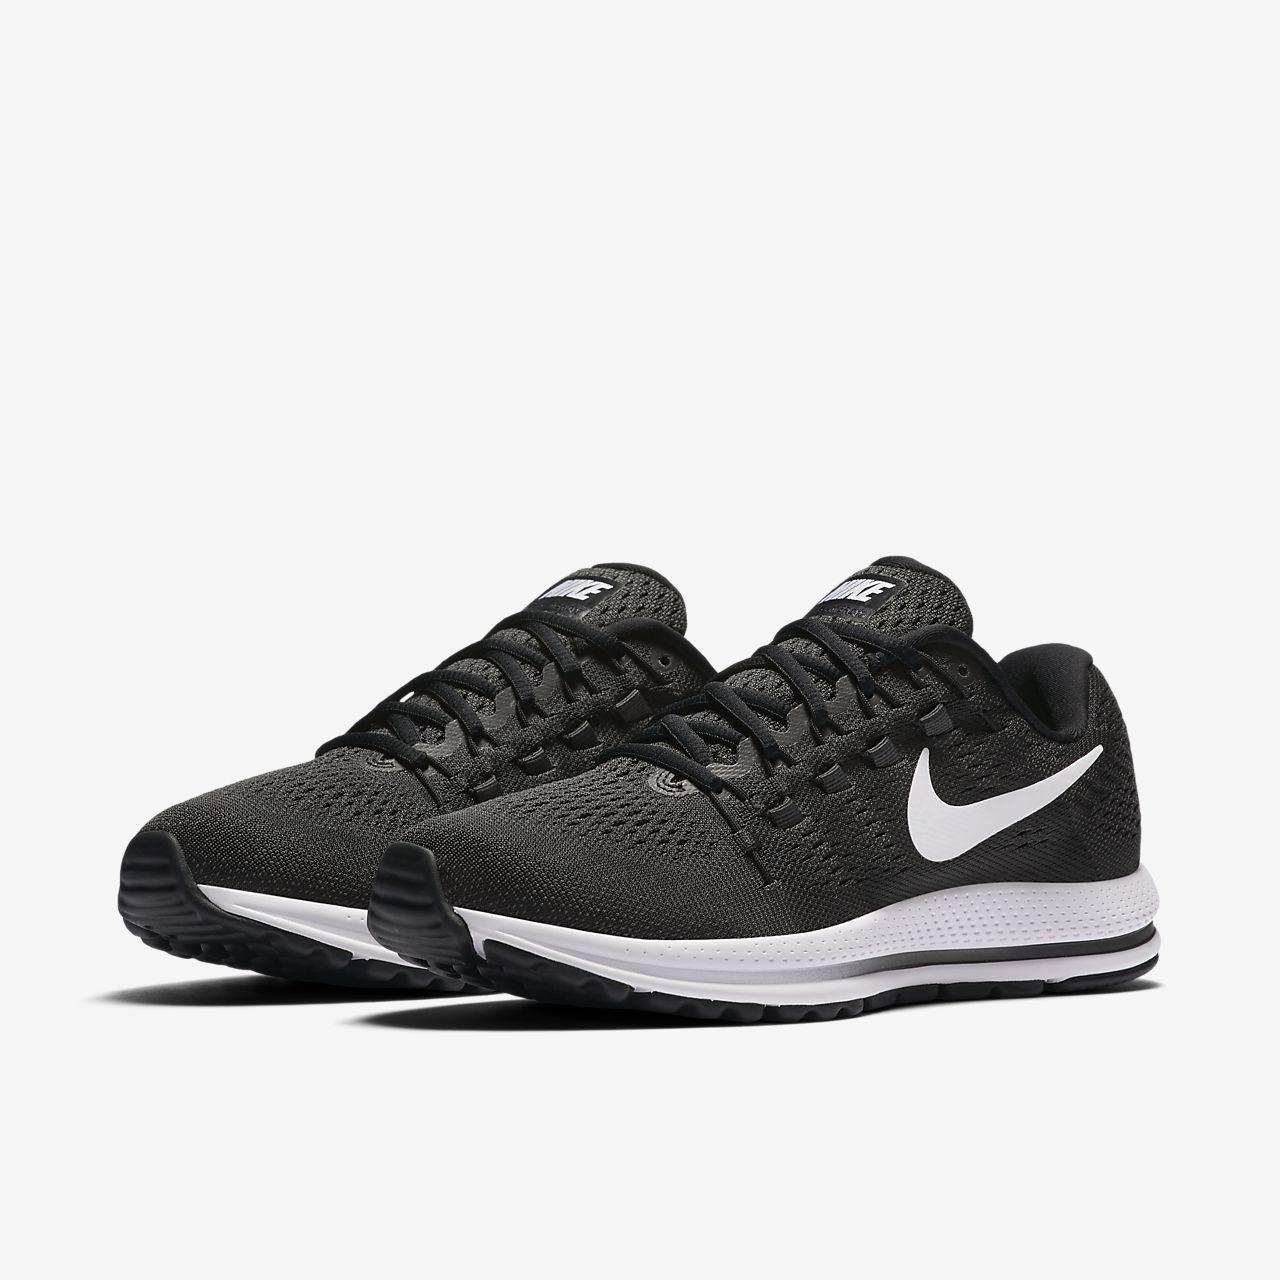 1280x1280 Nike Air Zoom Vomero 12 Men's Running Shoe. Id